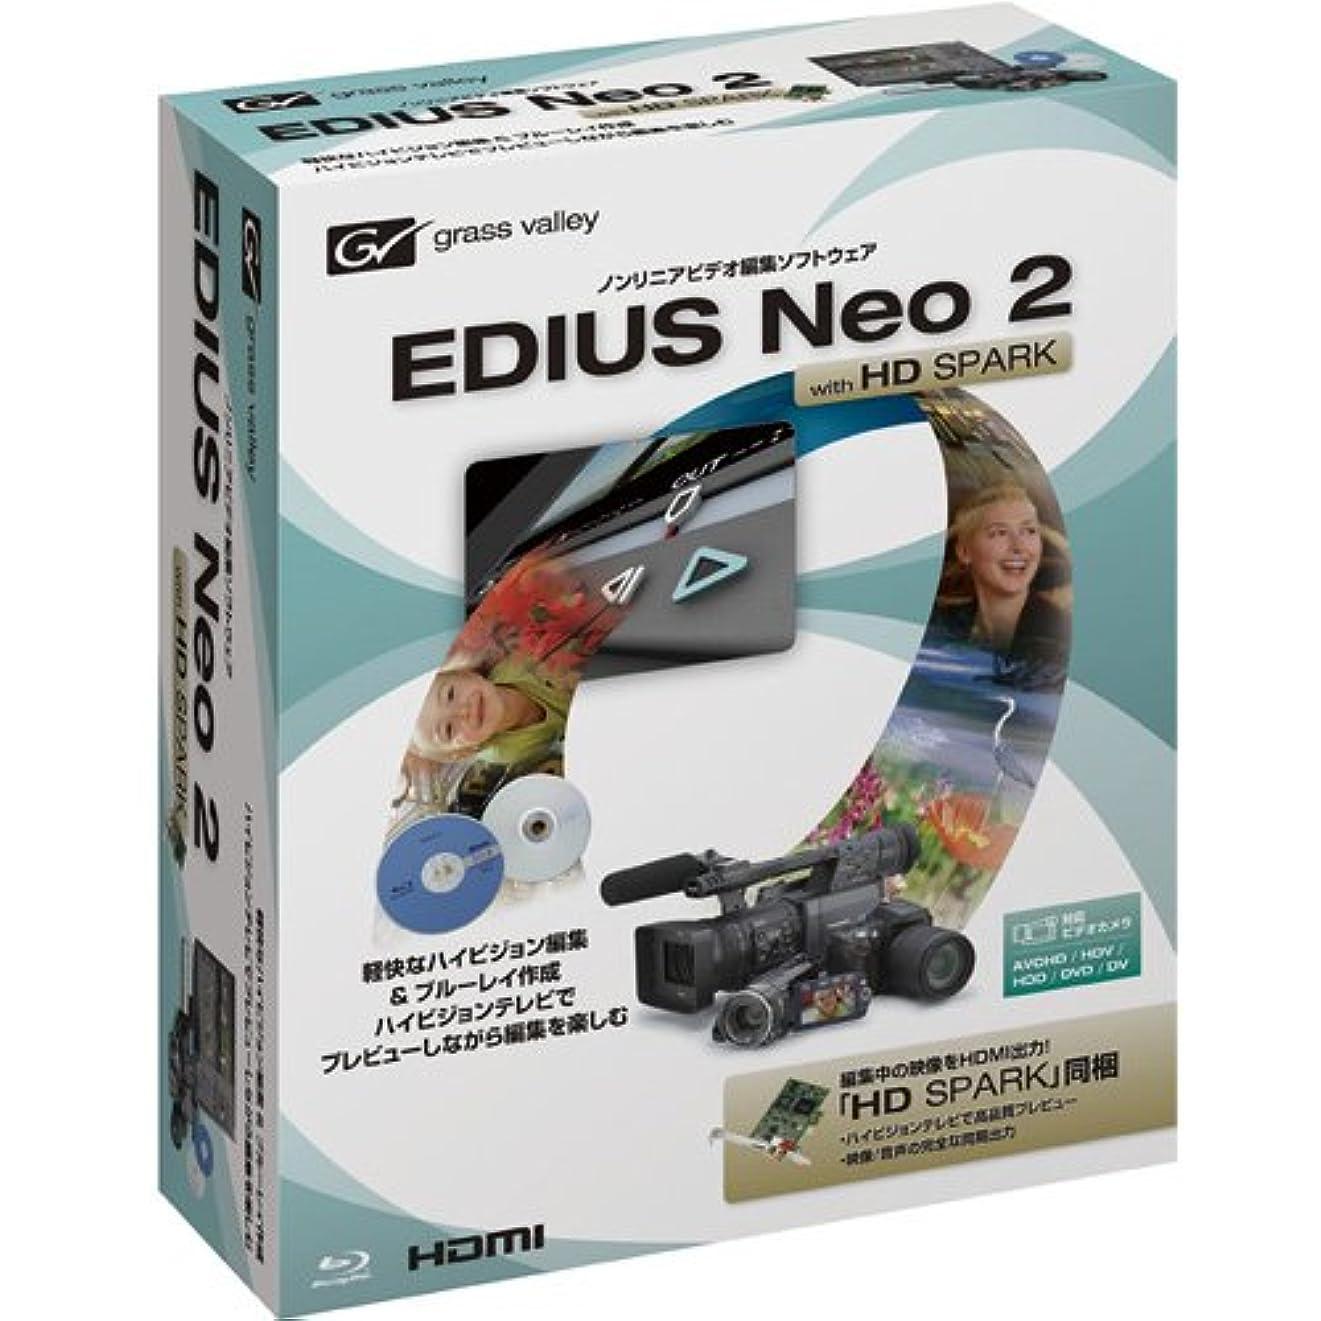 ロンドン速いブラストEDIUS Neo2 with HDSPARK EDIUSNEO2-SPK-RC